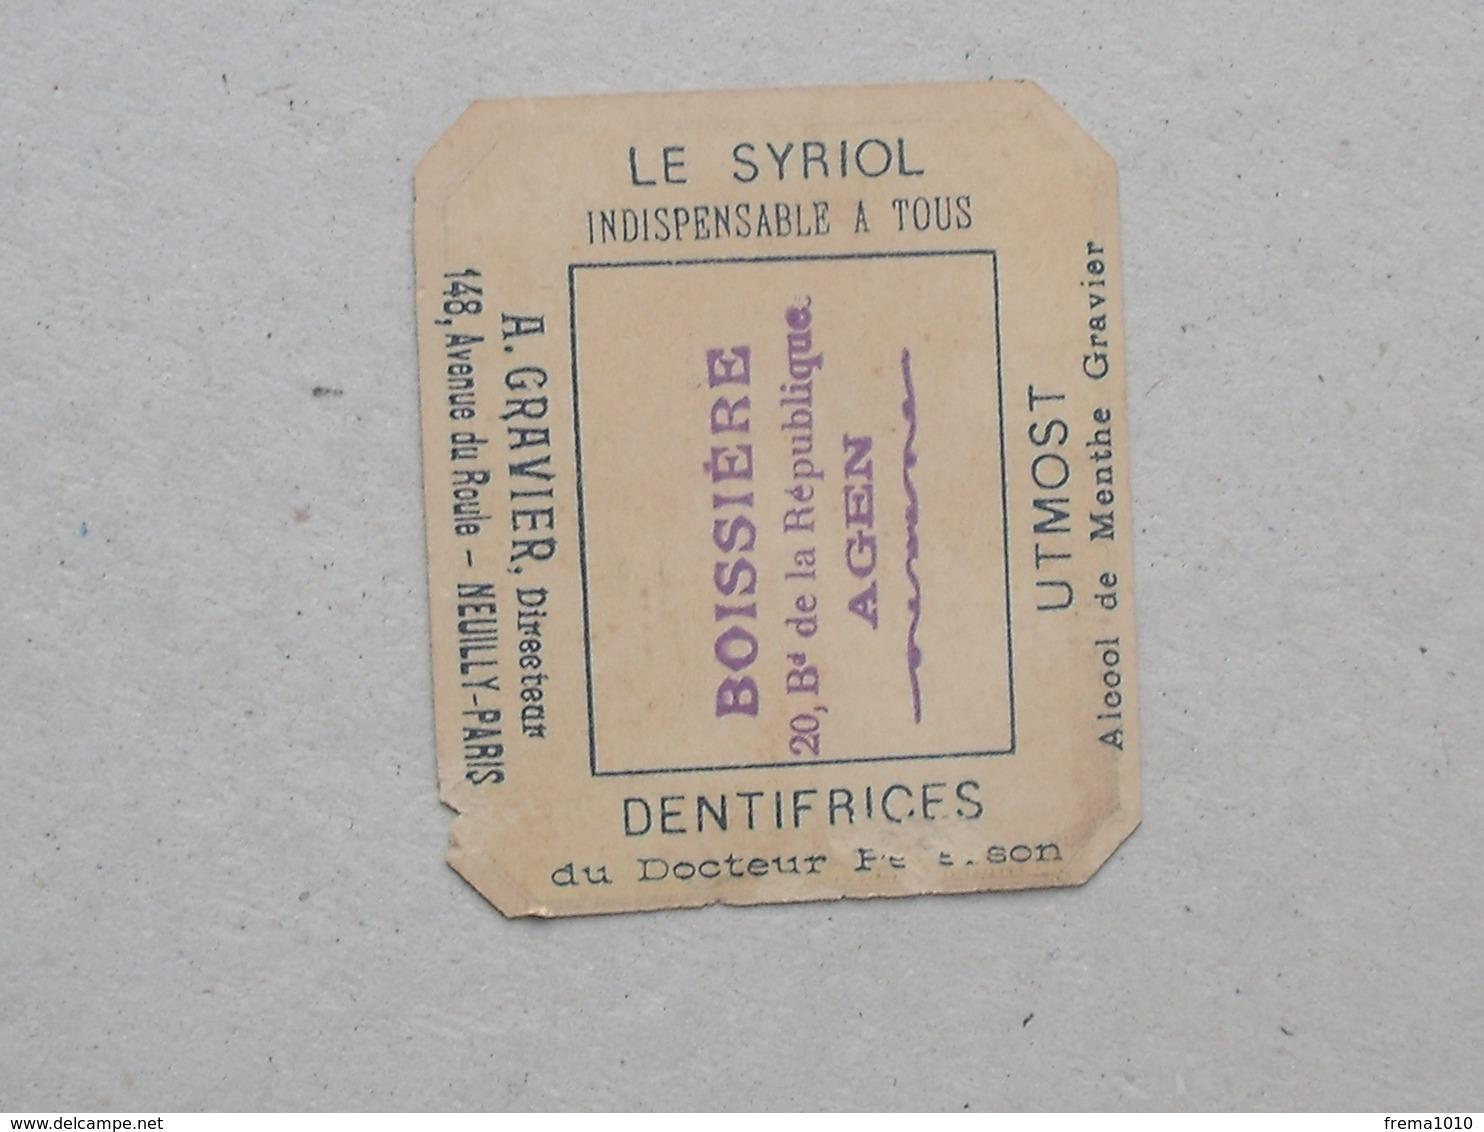 AGEN  CHROMO Dentifrice Docteur PETERSON: AVOCAT Plaidoyer Cour - BOISSIERE GRAVIER NEUILLY PARIS - PELLETIER - Chromos